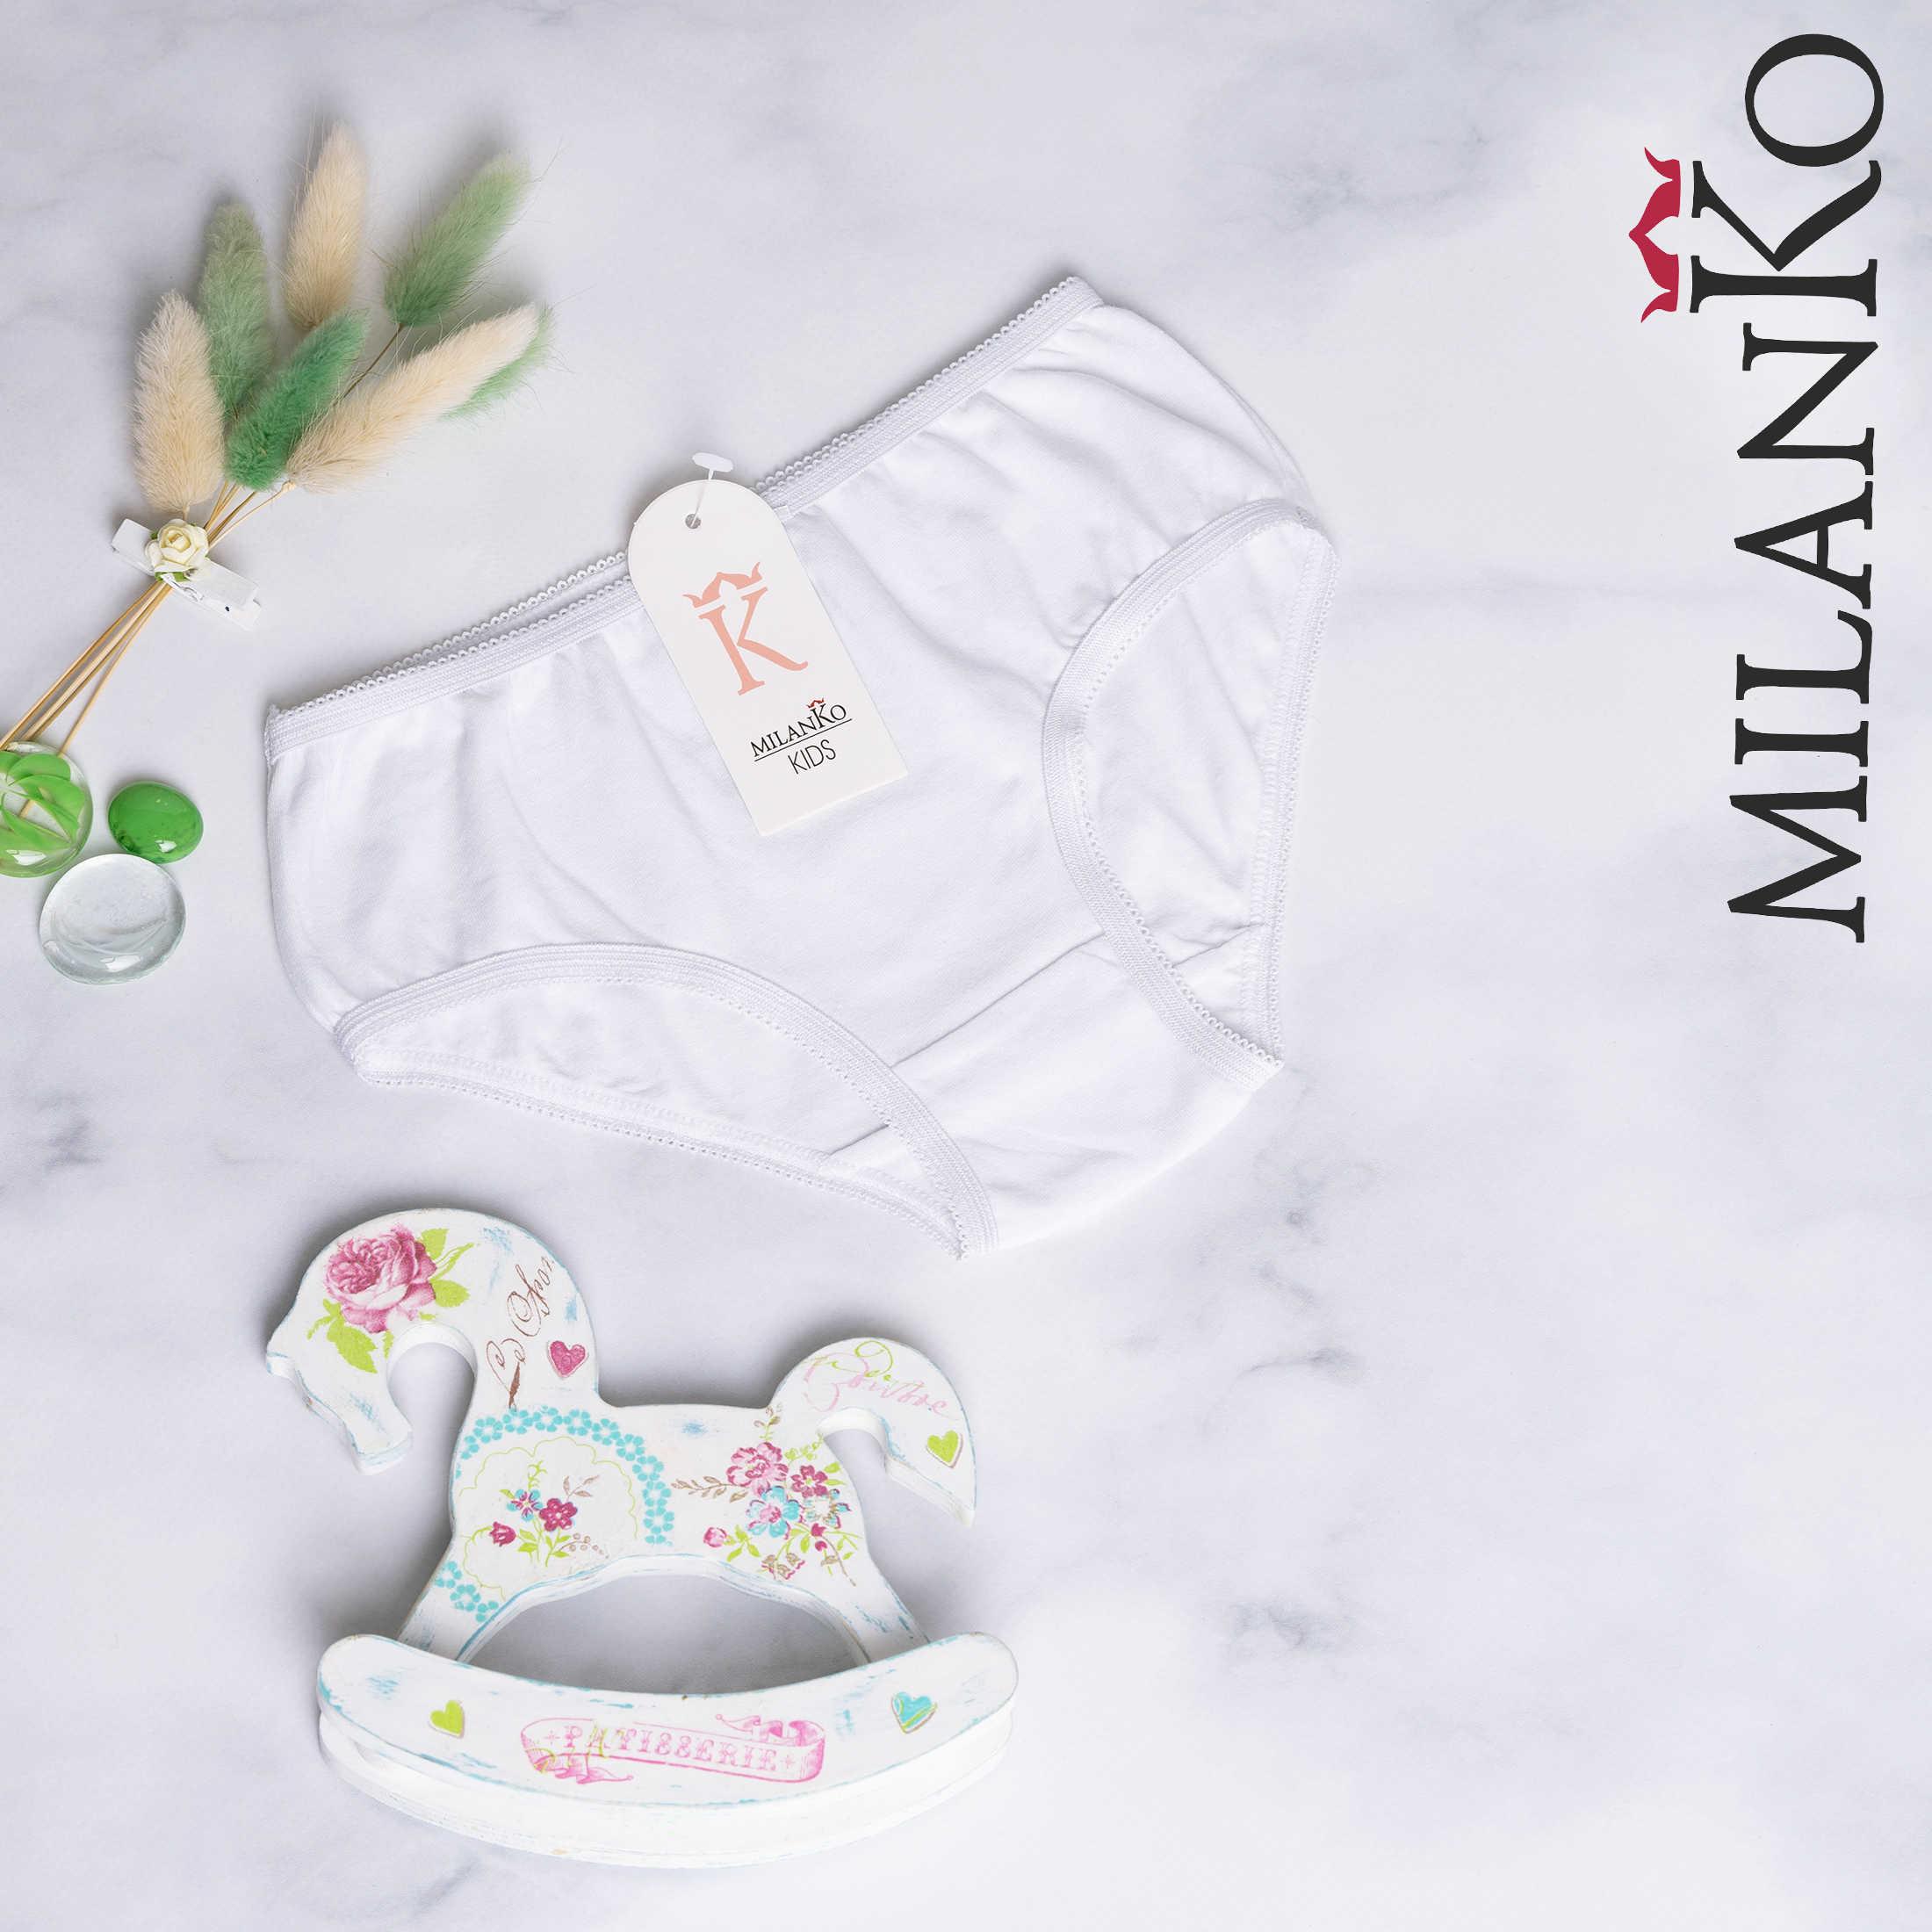 MILANKO     Трусики детские БЕЛЫЕ MilanKo 3113